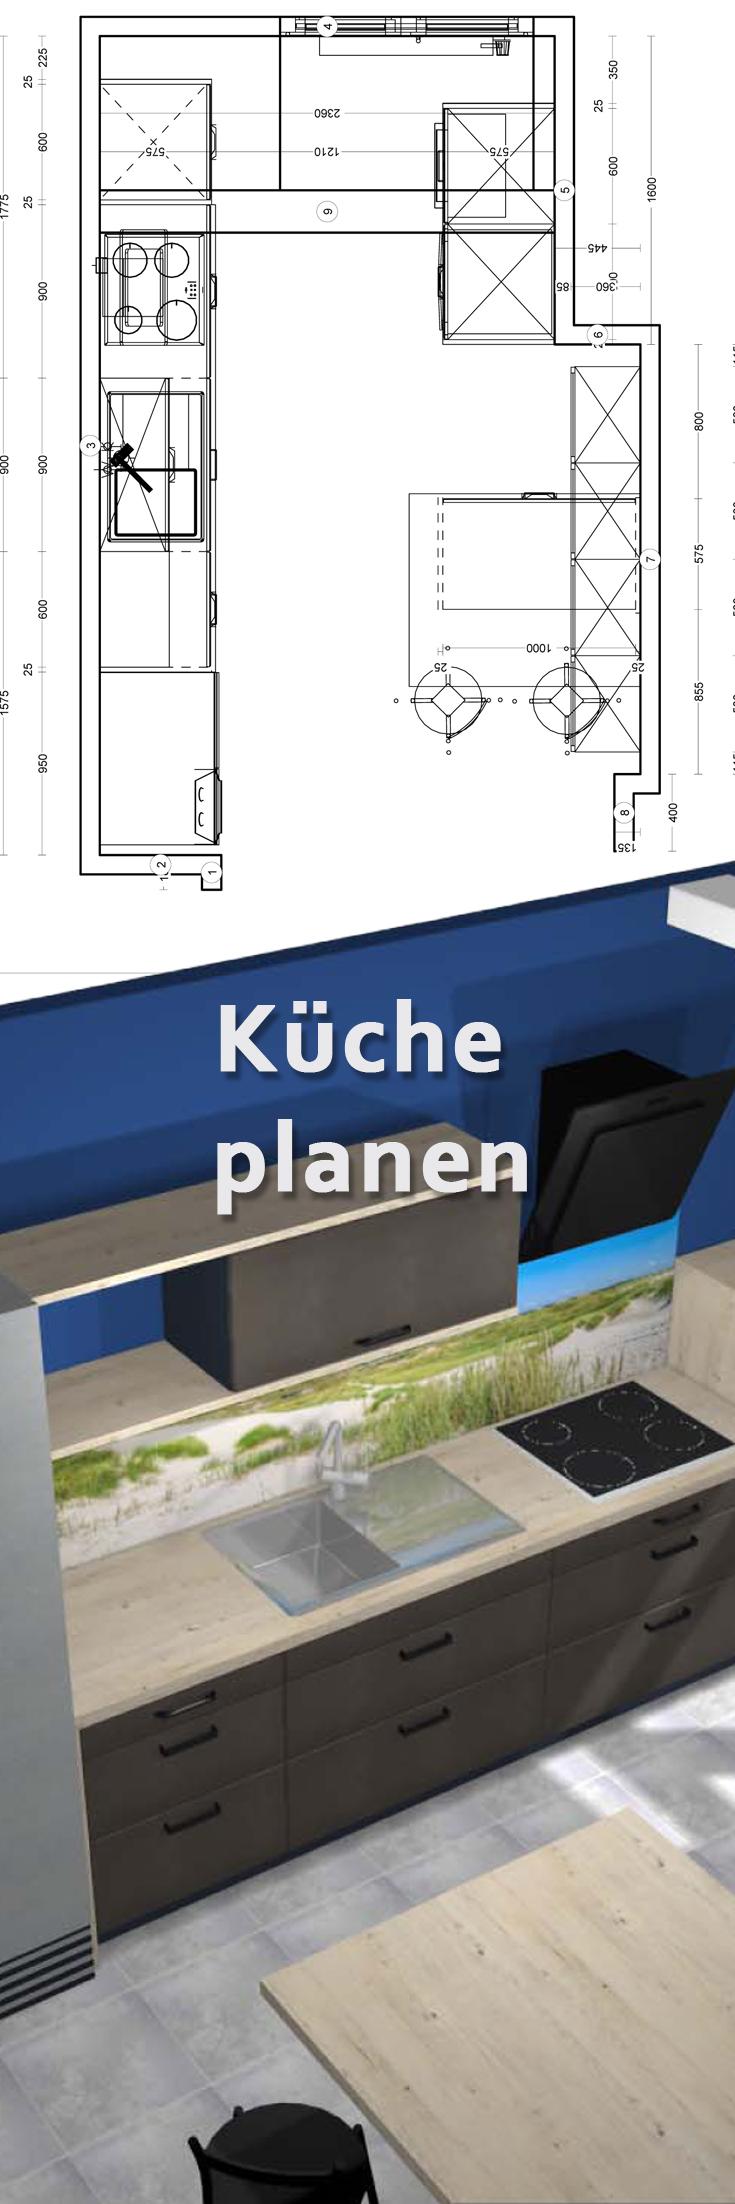 Luxury Wir planen Ihre K che und begleiten Sie bei Ihrer K chenplanung interessante Ideen f r Ihre Traumk che